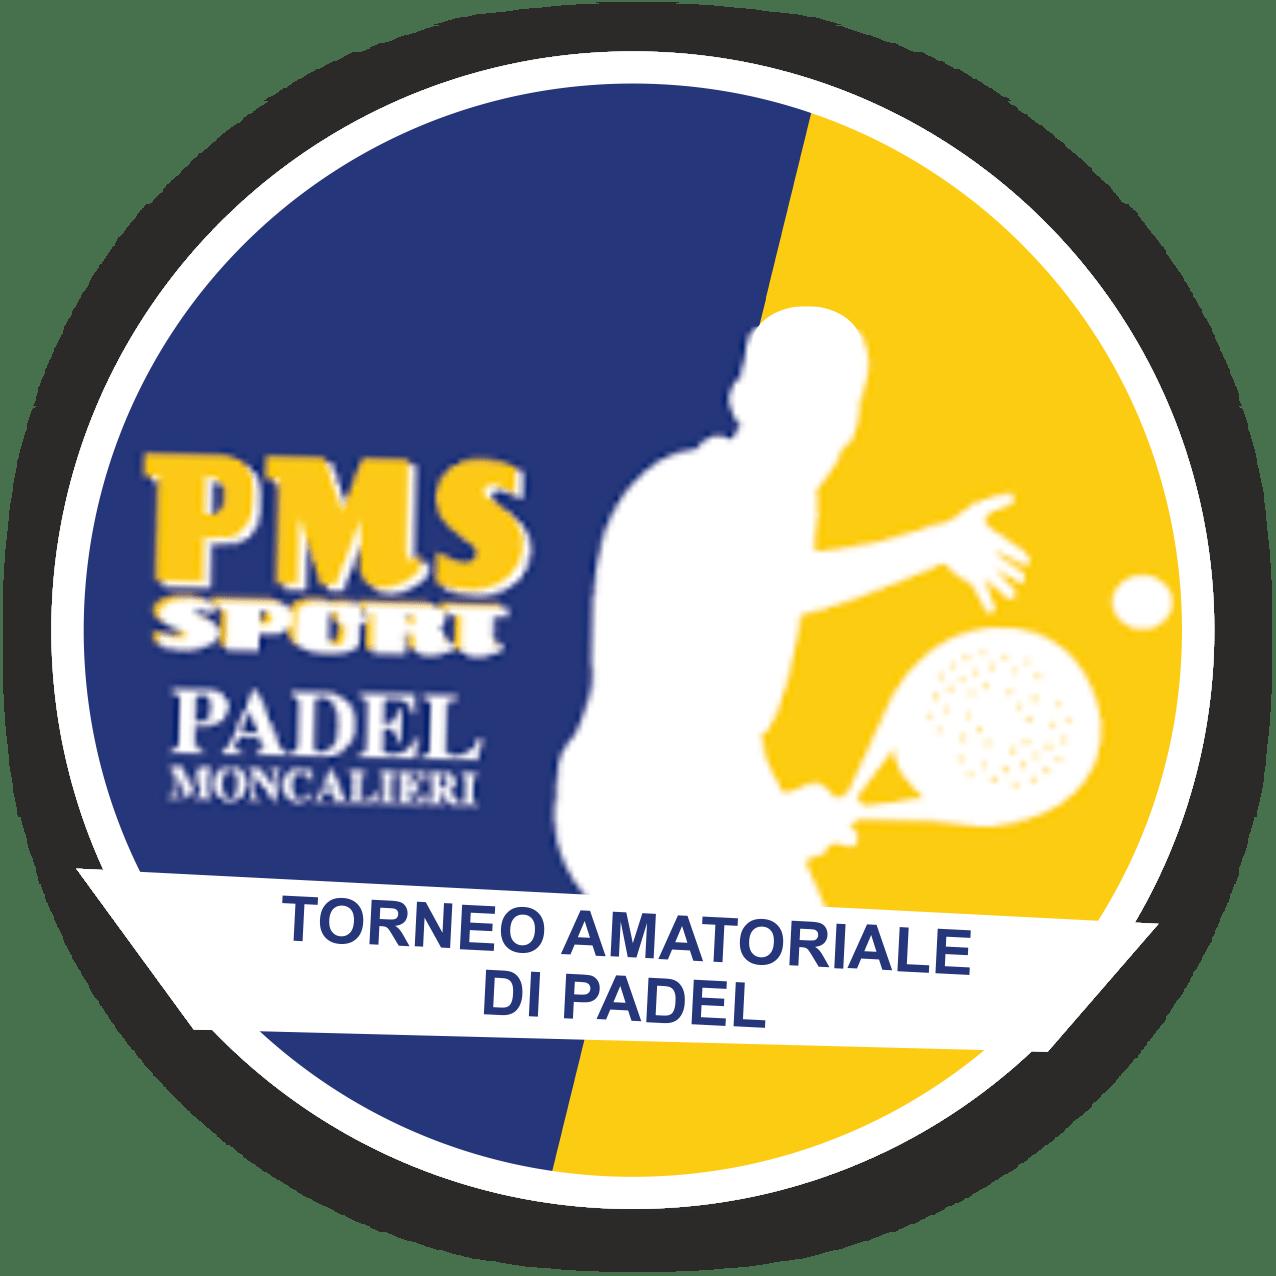 Torneo Amatoriale di Padel   Elettrogruppo ZeroUno   Beinasco   To   TORNEO DI PADEL MONCALIERI IMMAGINE PRINCIPALE